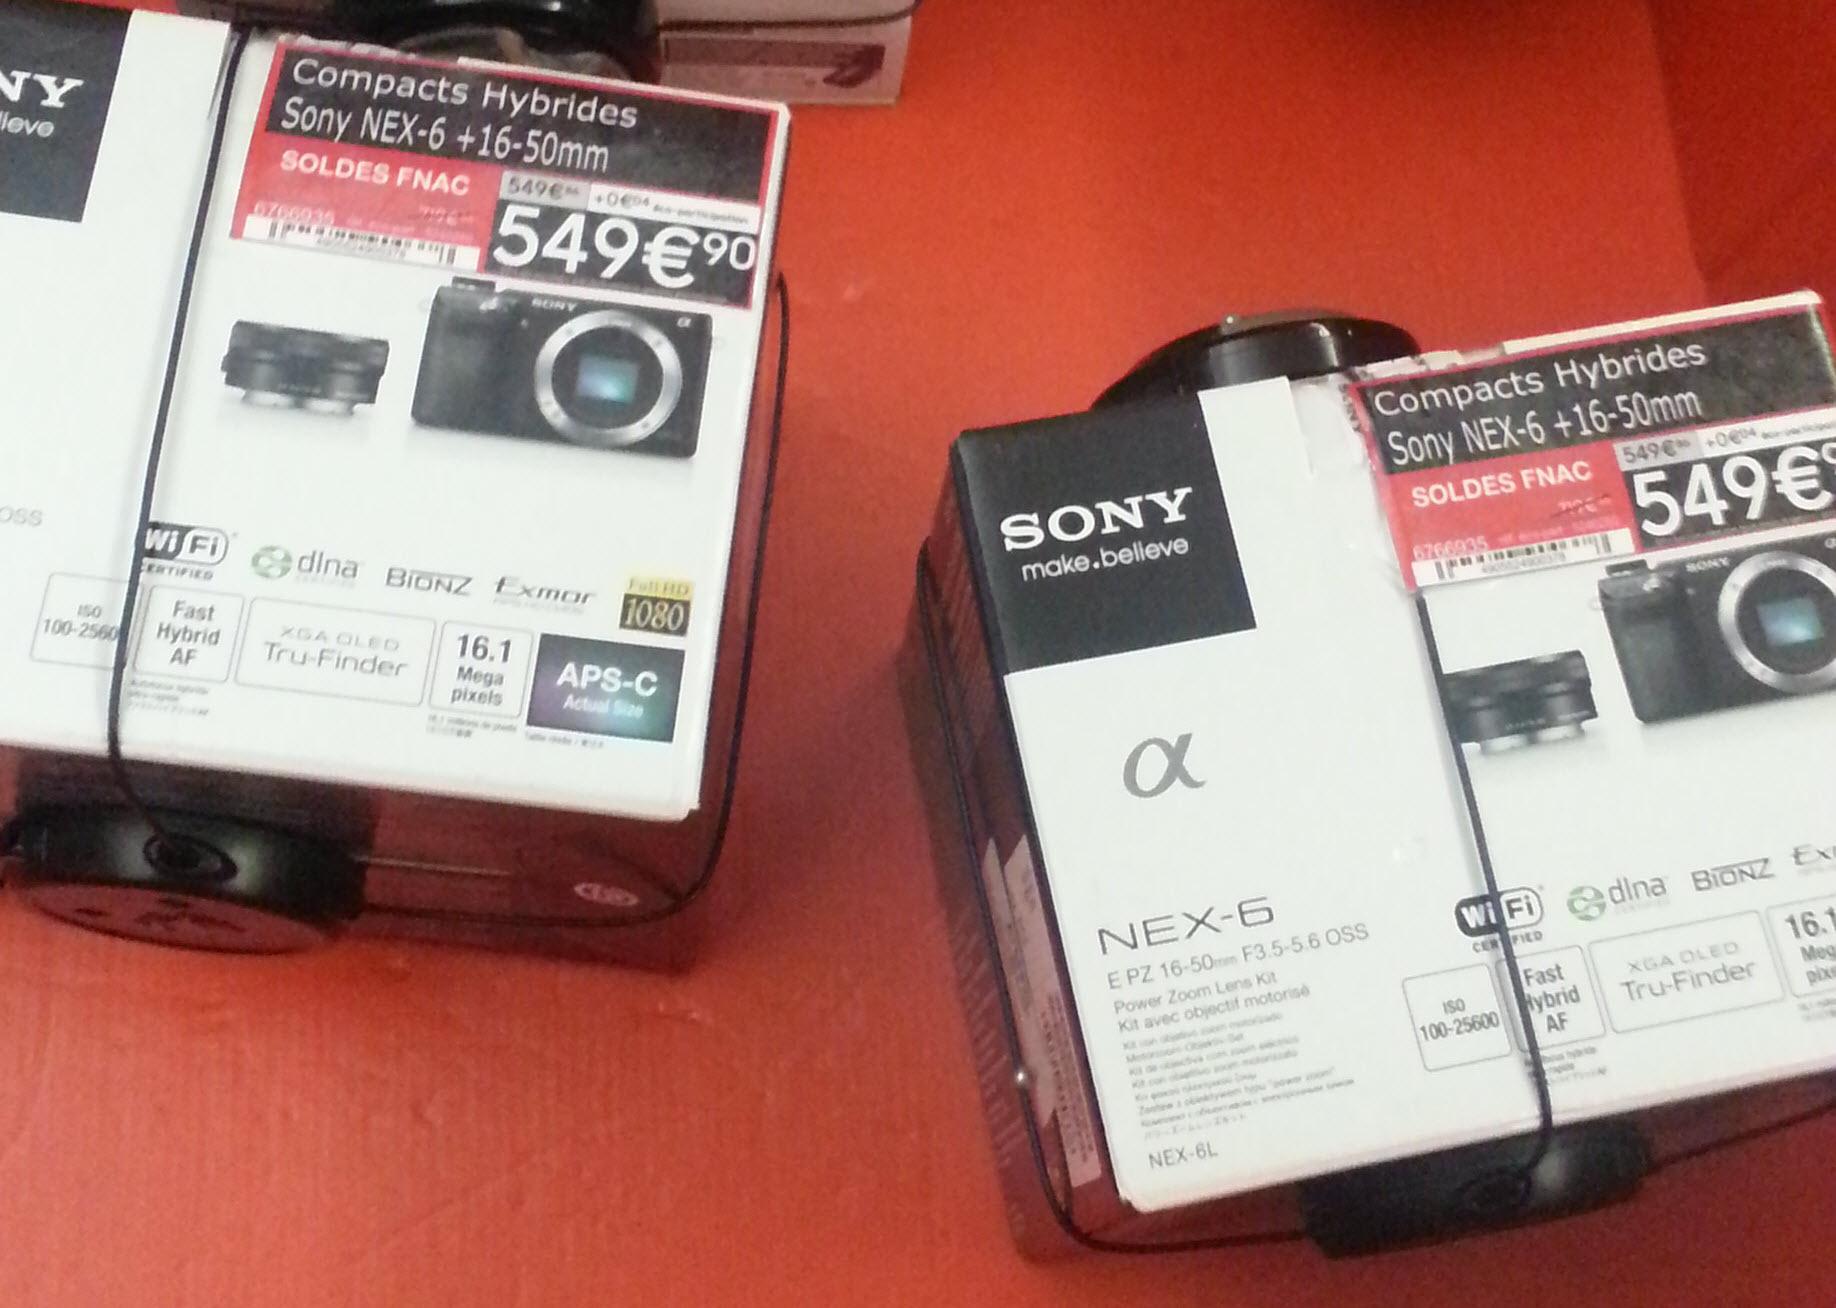 Appareil photo hybride Sony NEX-6B Noir - WiFi intégré + Obj. Sony E PZ 16 - 50 mm f/3.5 - 5.6